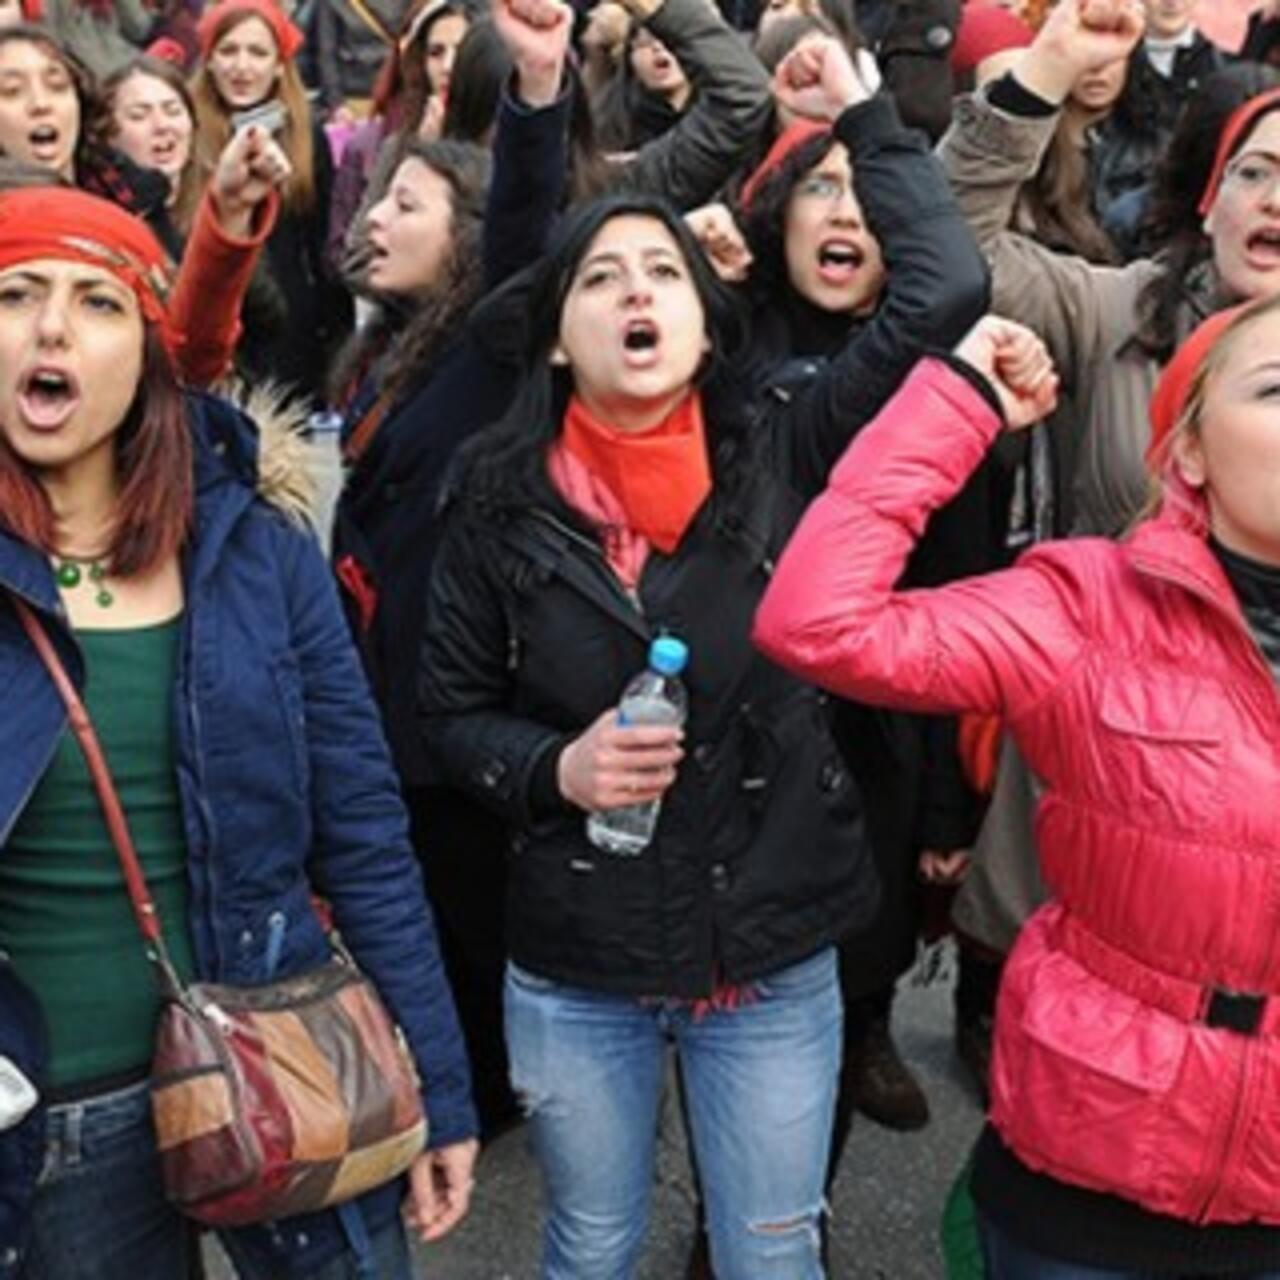 تاریخچۀ سقط جنین در ترکیه - تاریخ تازهها